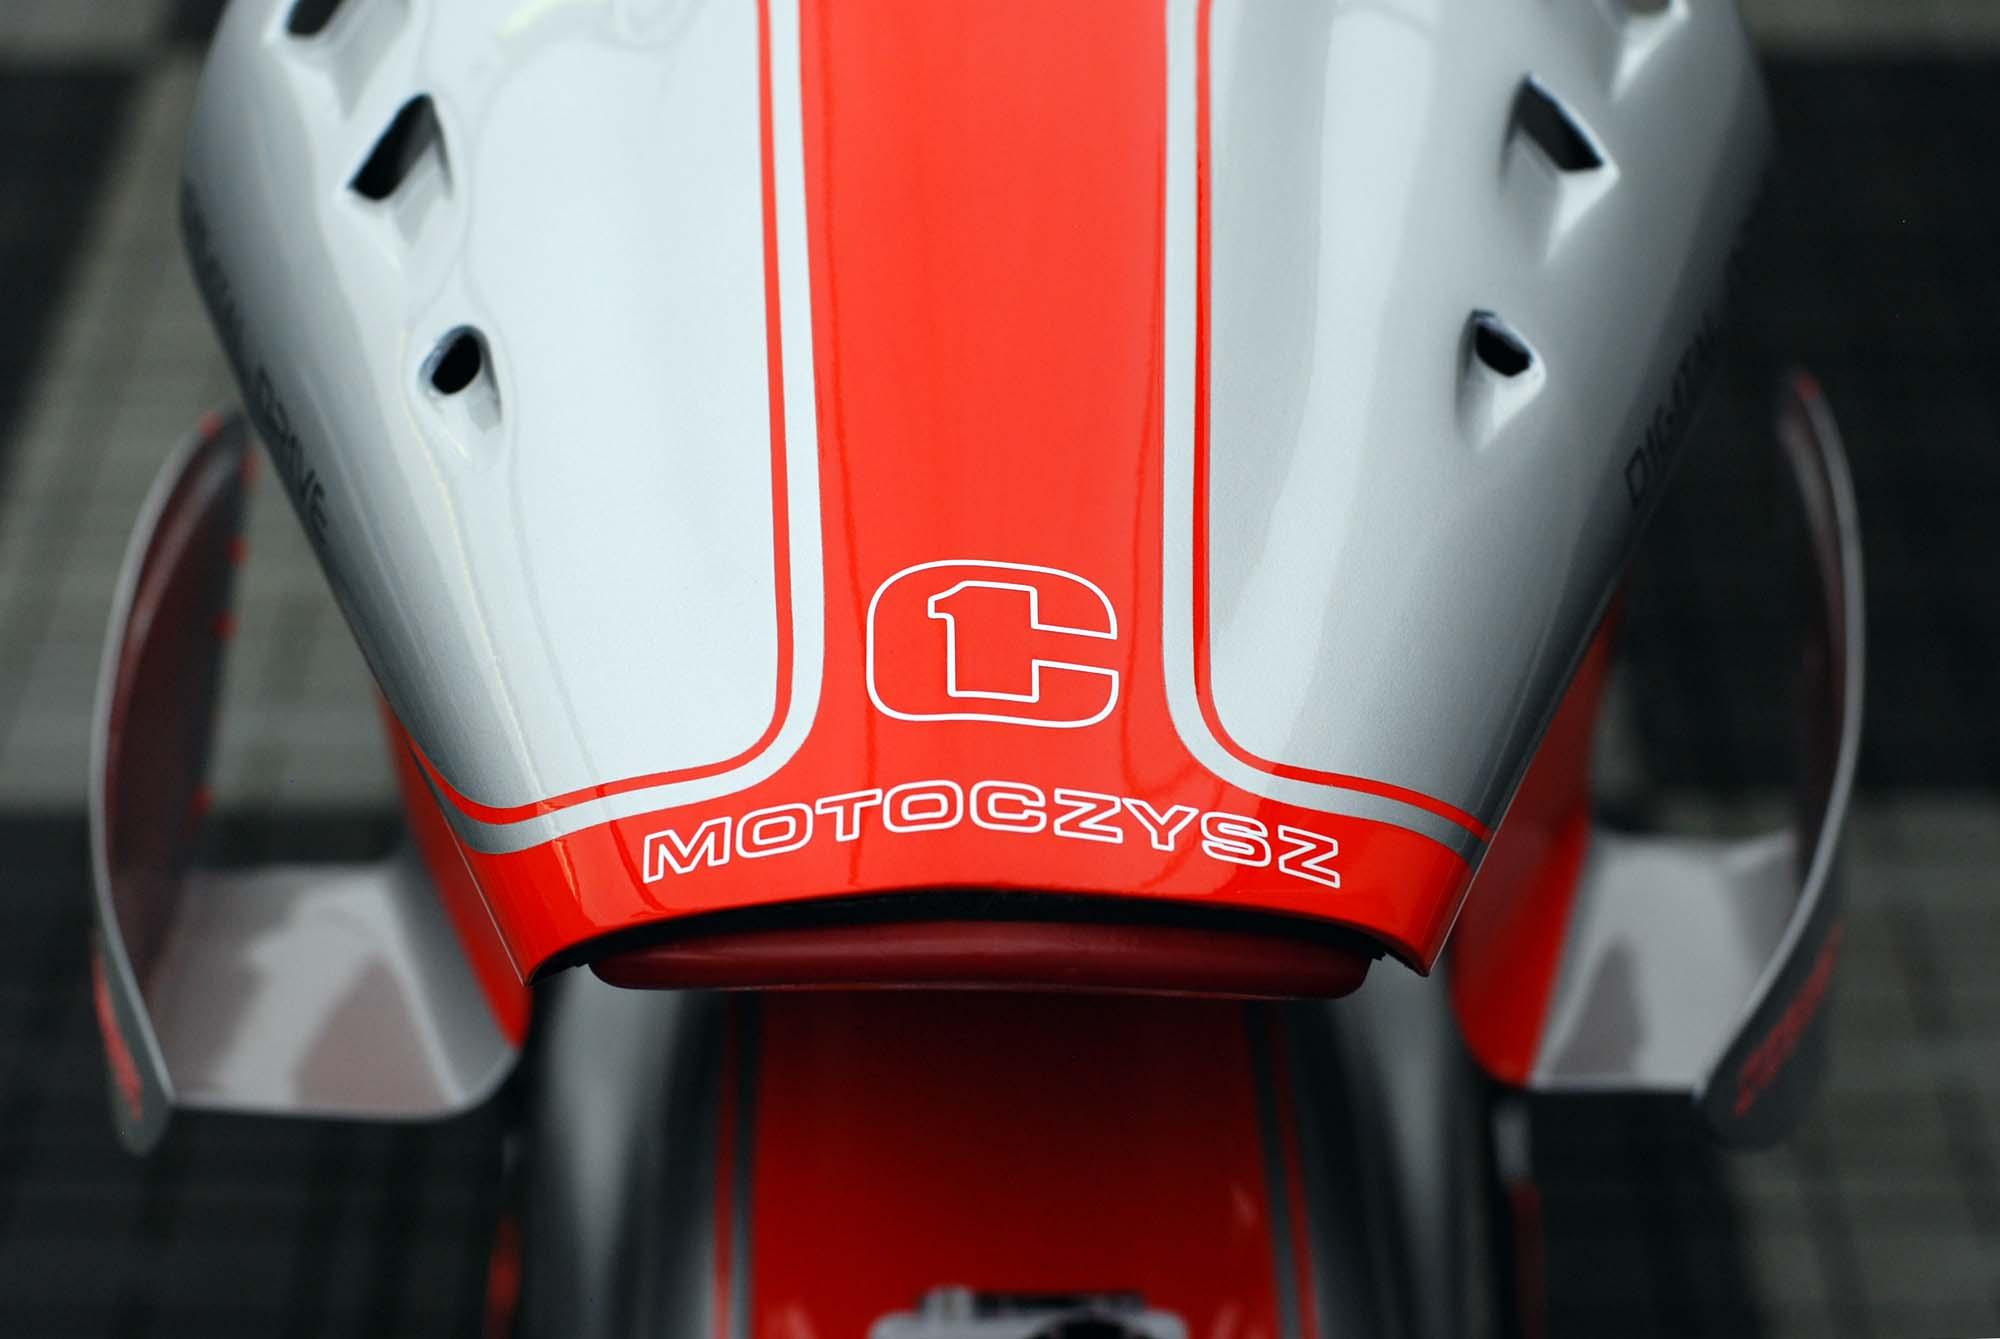 TT Ile de Man 2012-motoczysz-e1pc-11